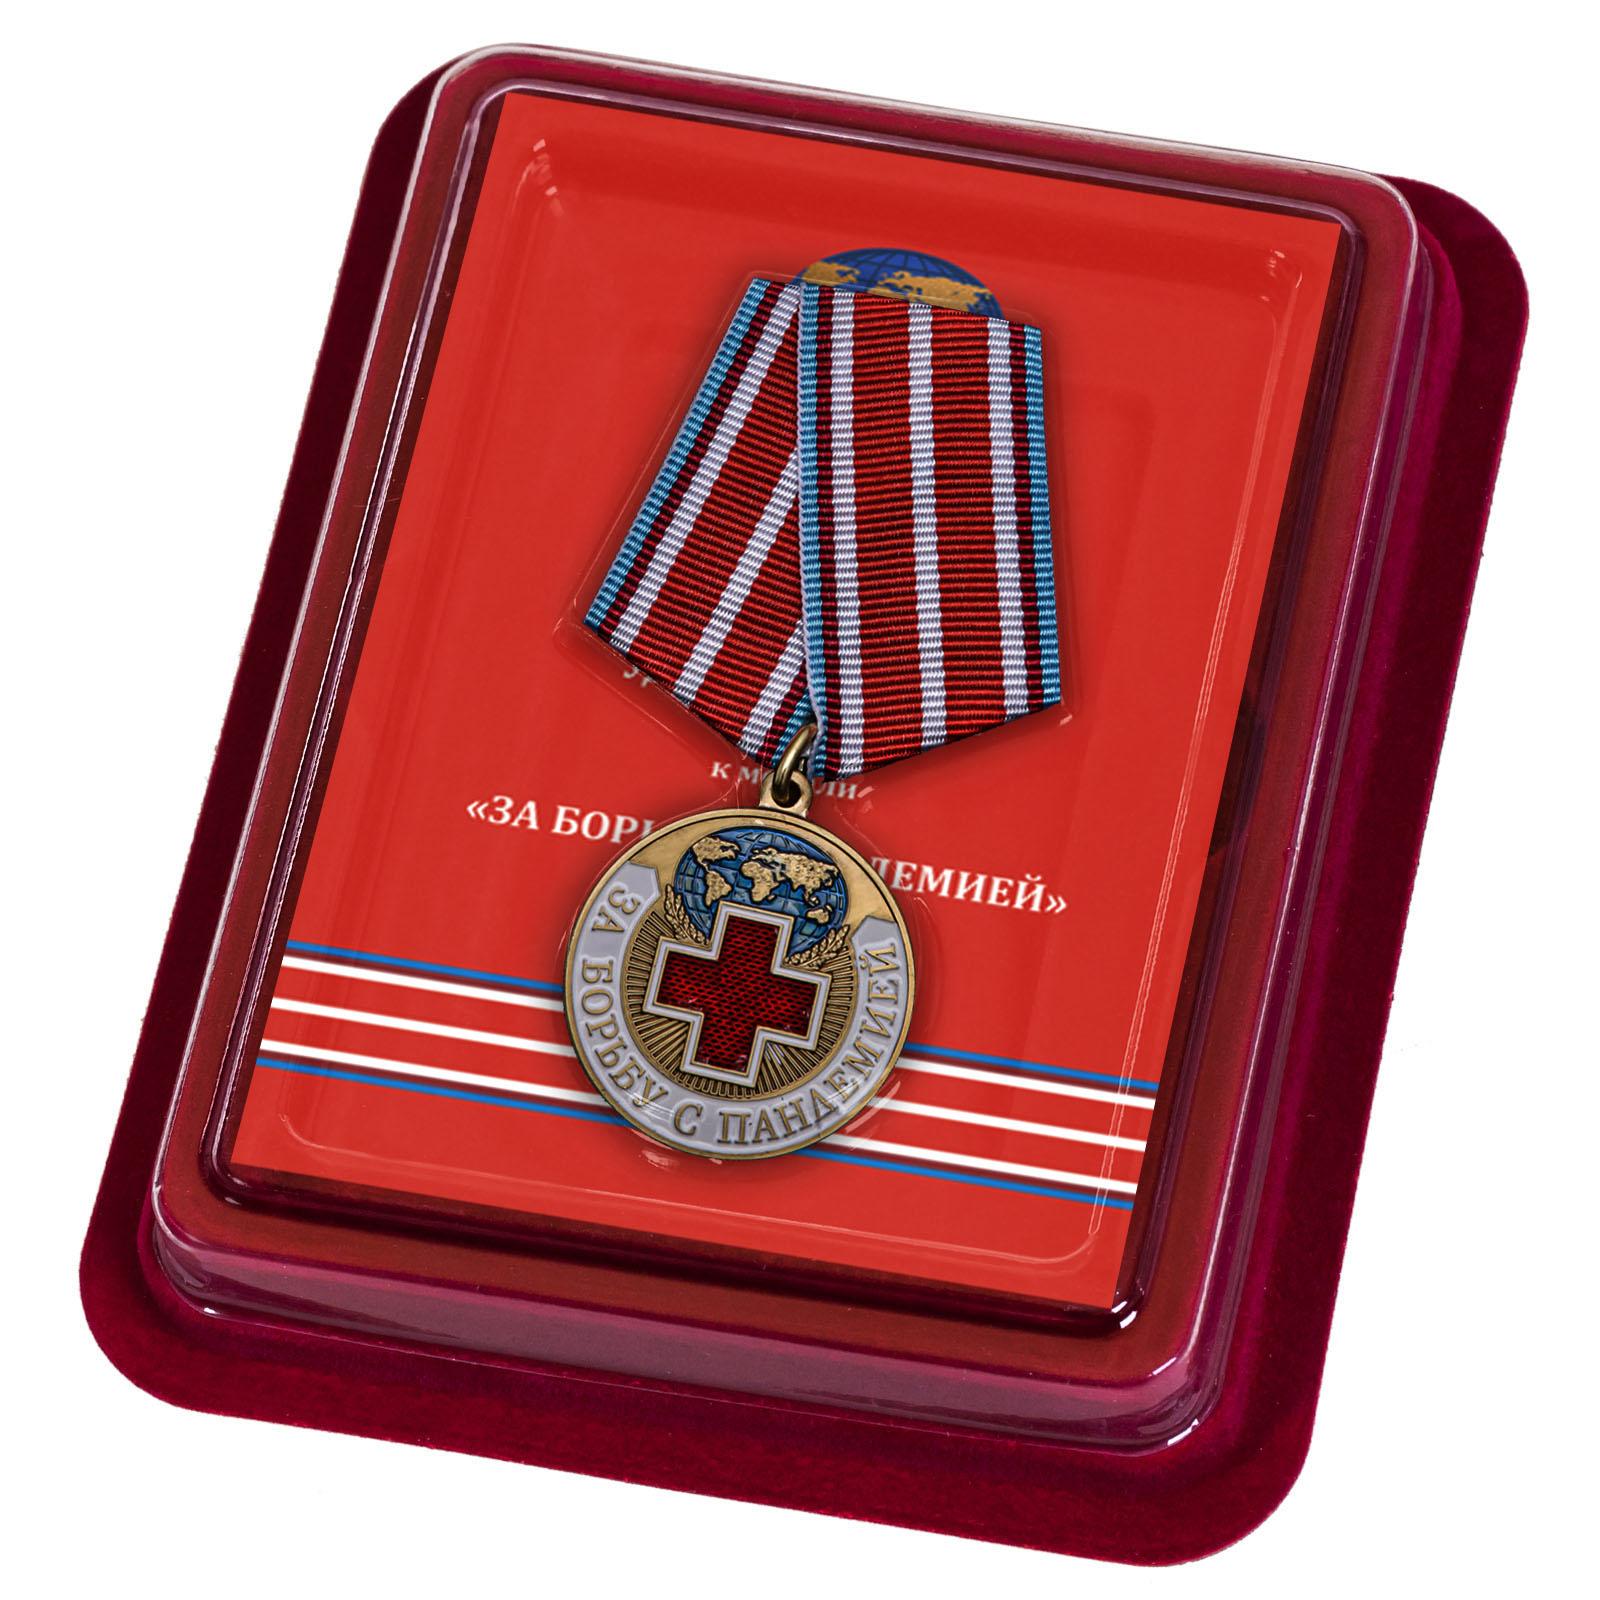 Наградная медаль За борьбу с пандемией - в футляре